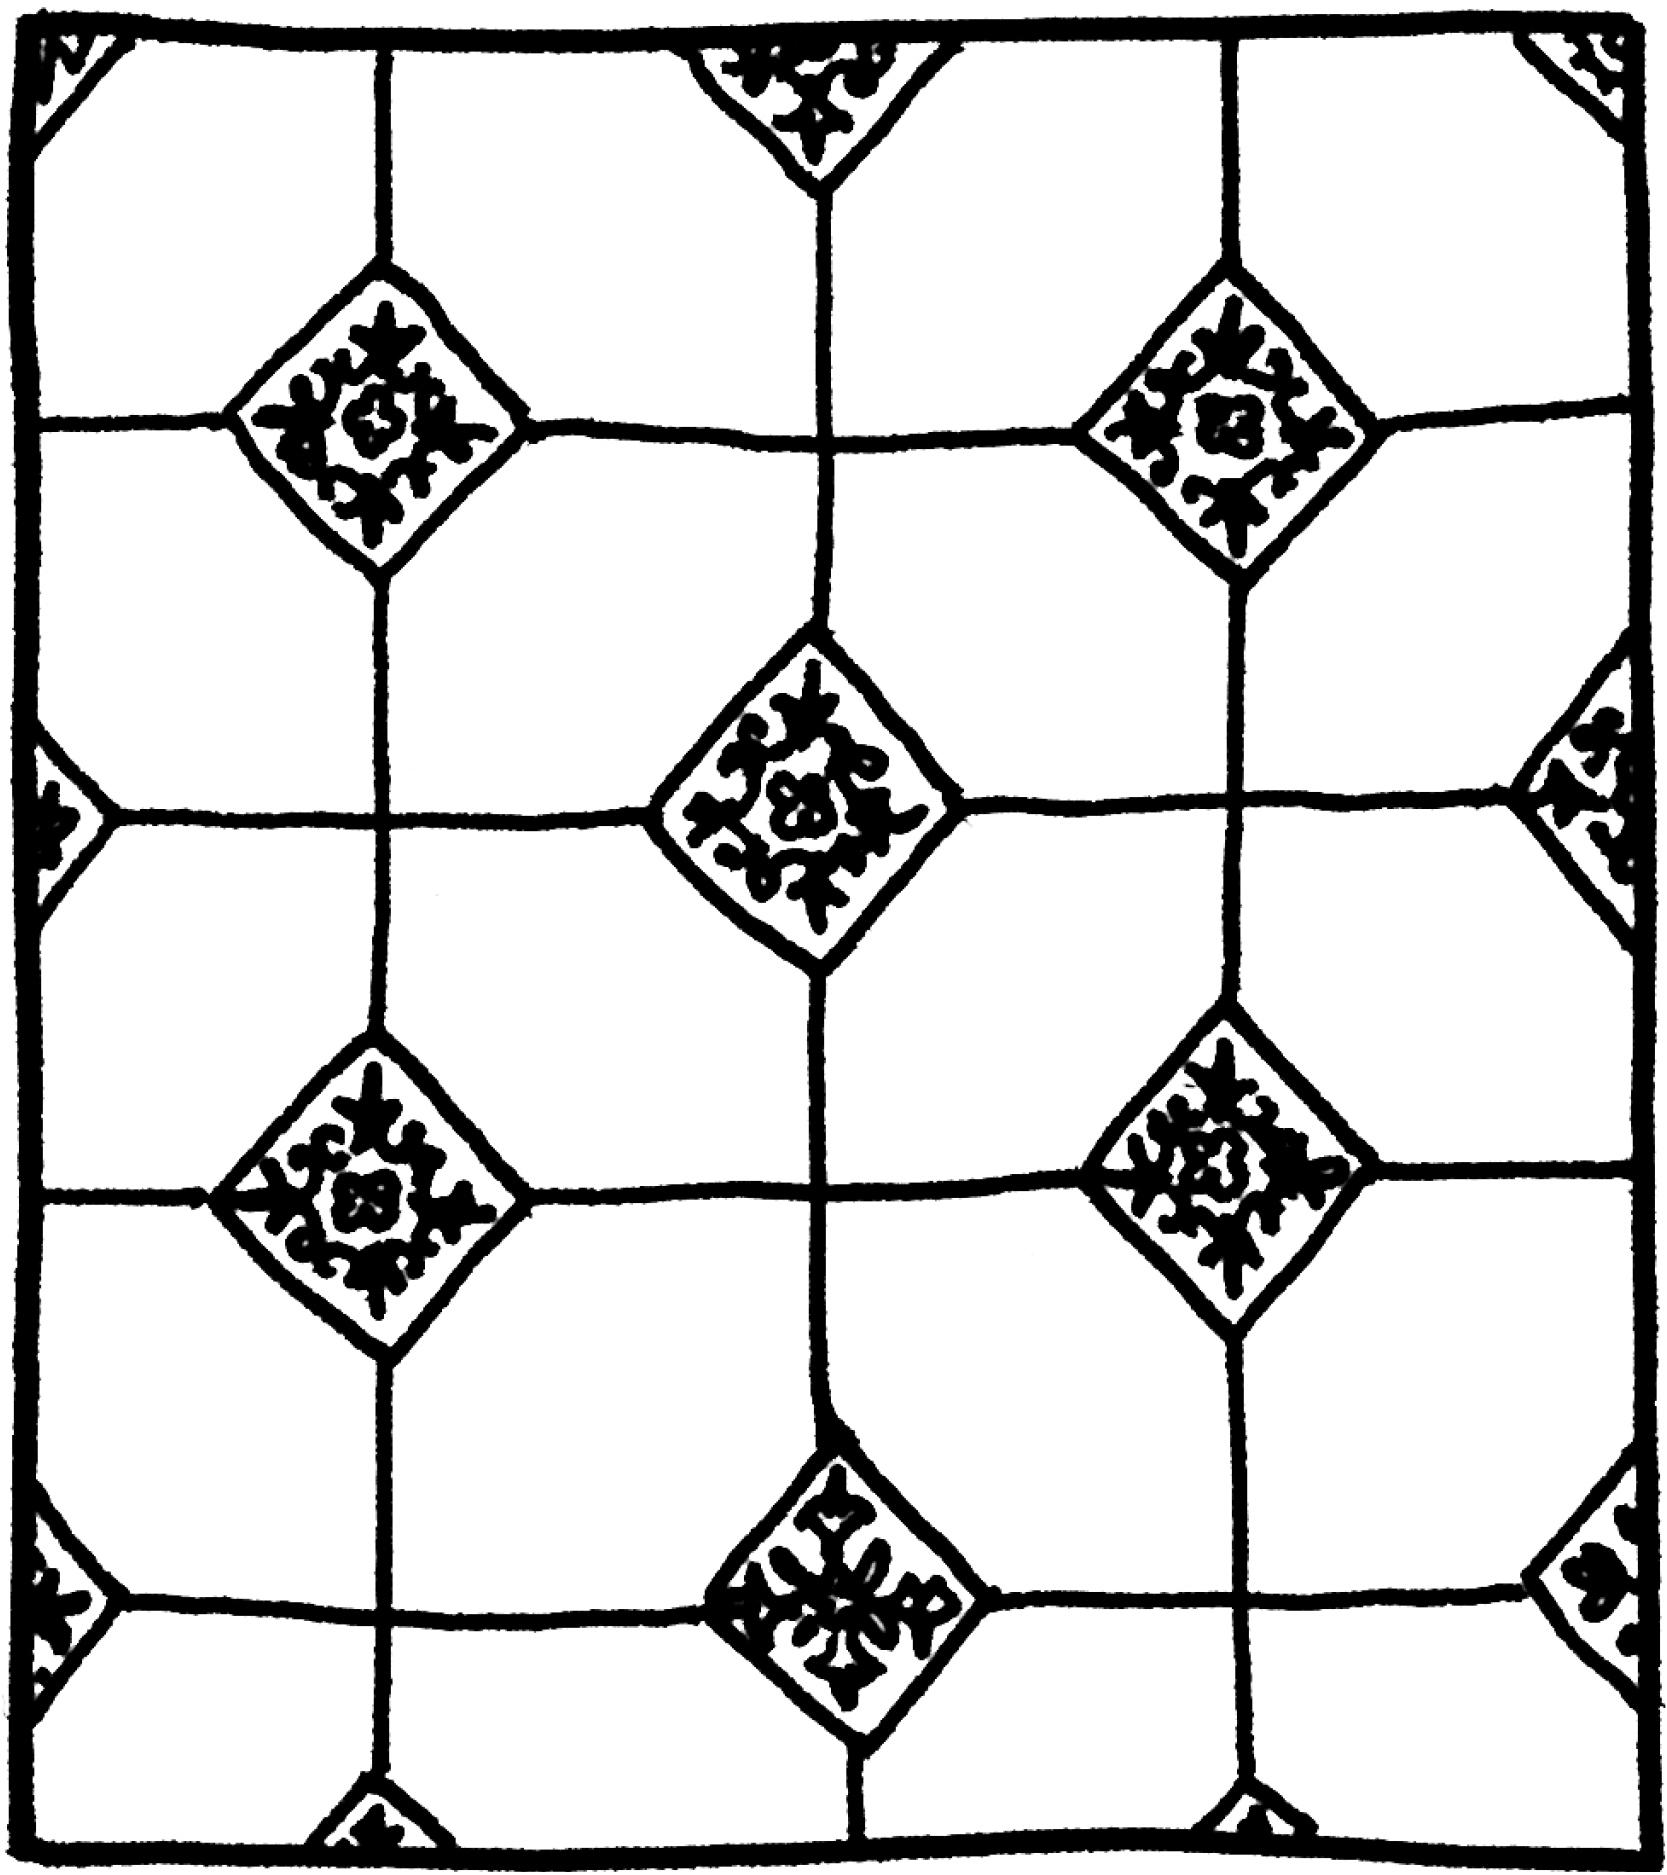 Valencia_patterns6.jpg